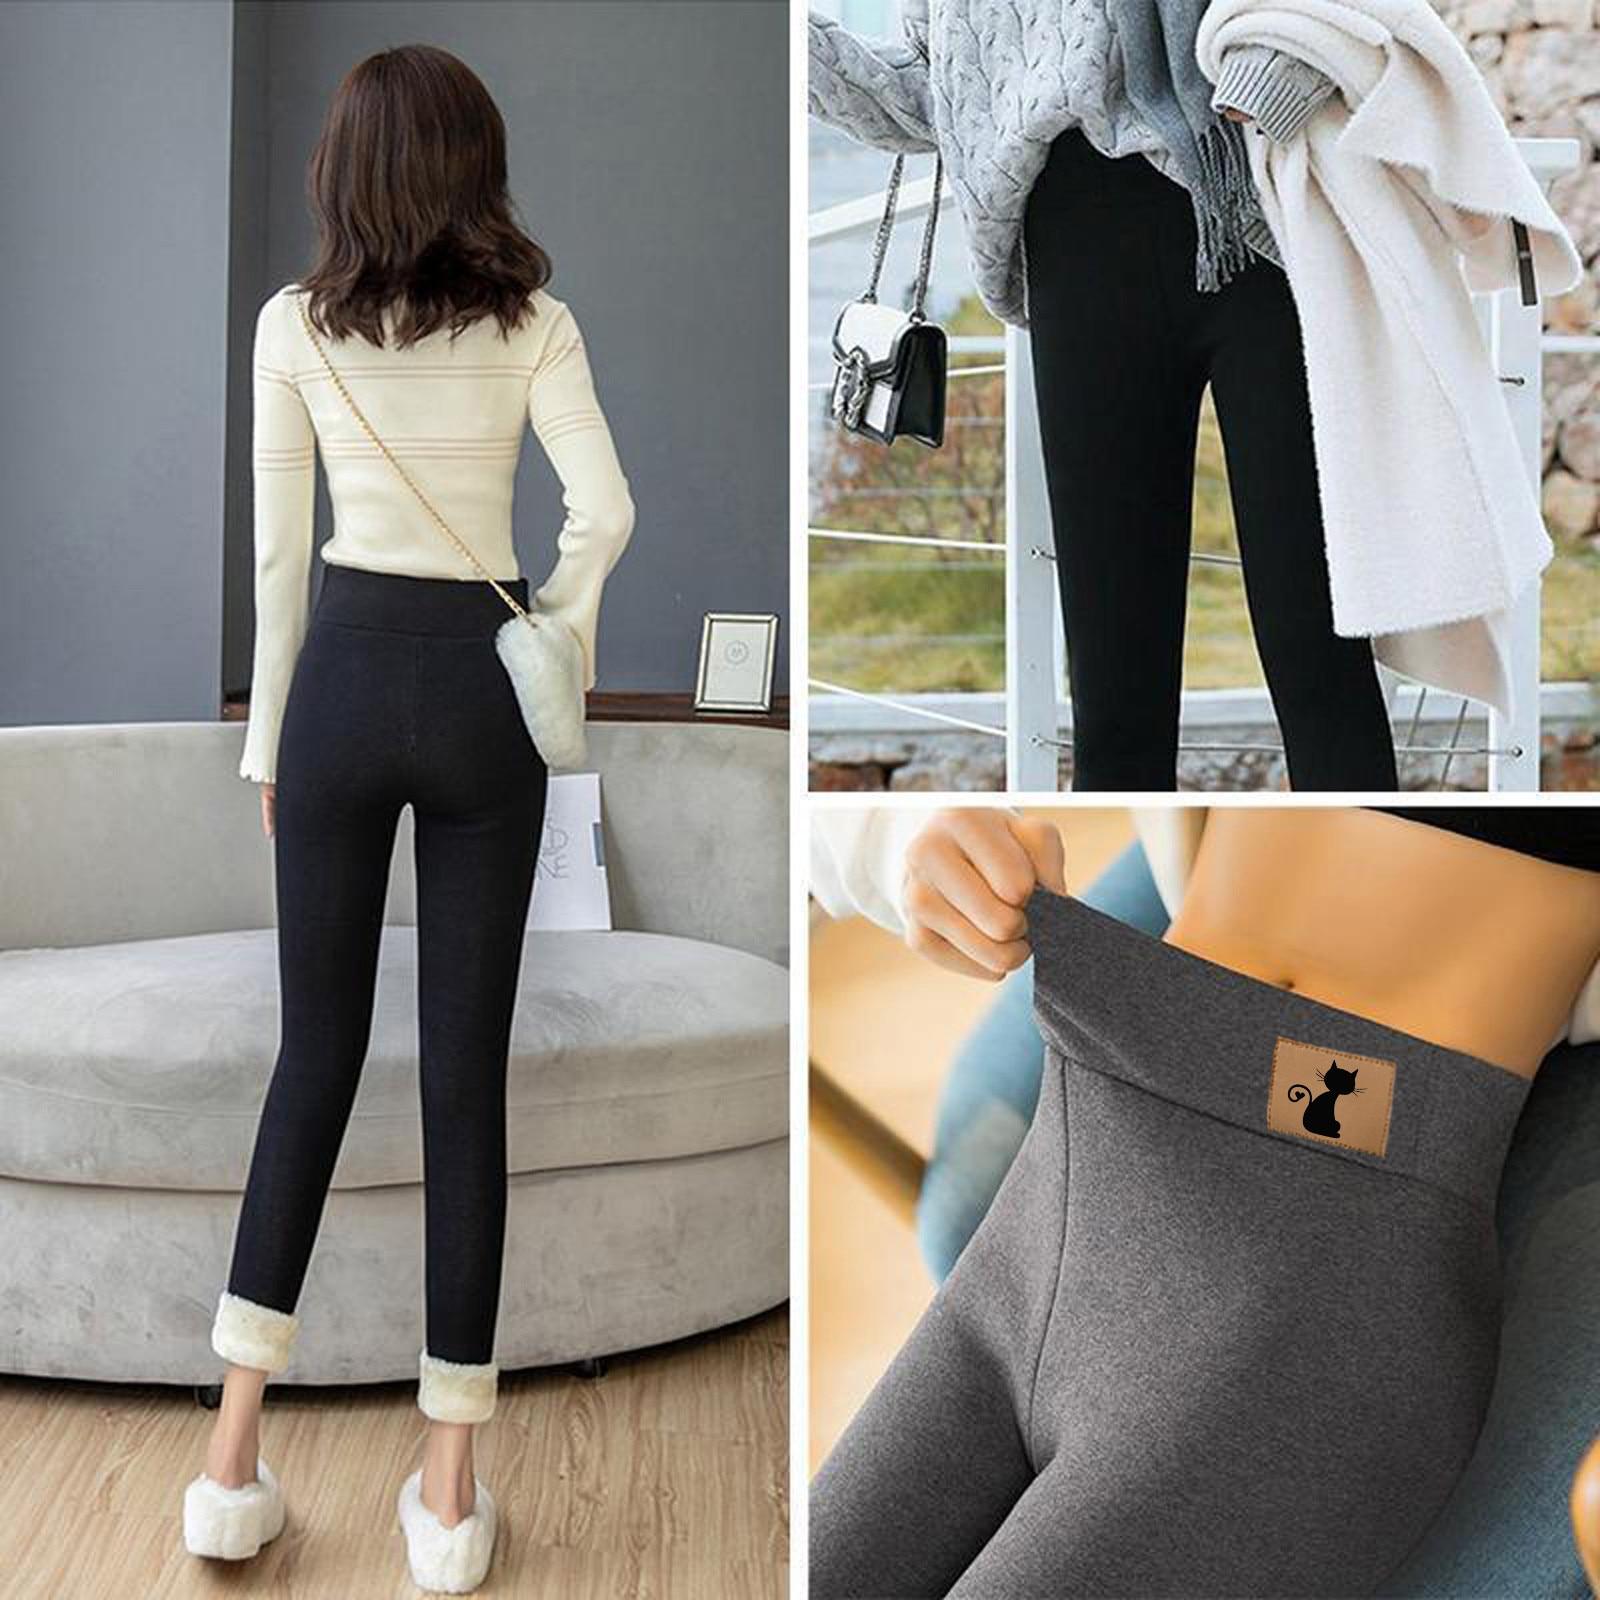 Normov-Vrouwen Super Dikke Kasjmier Lam Warme Leggings Hoge Taille Skinny Broek Winter Kat Print Polainas Mantener Caliente